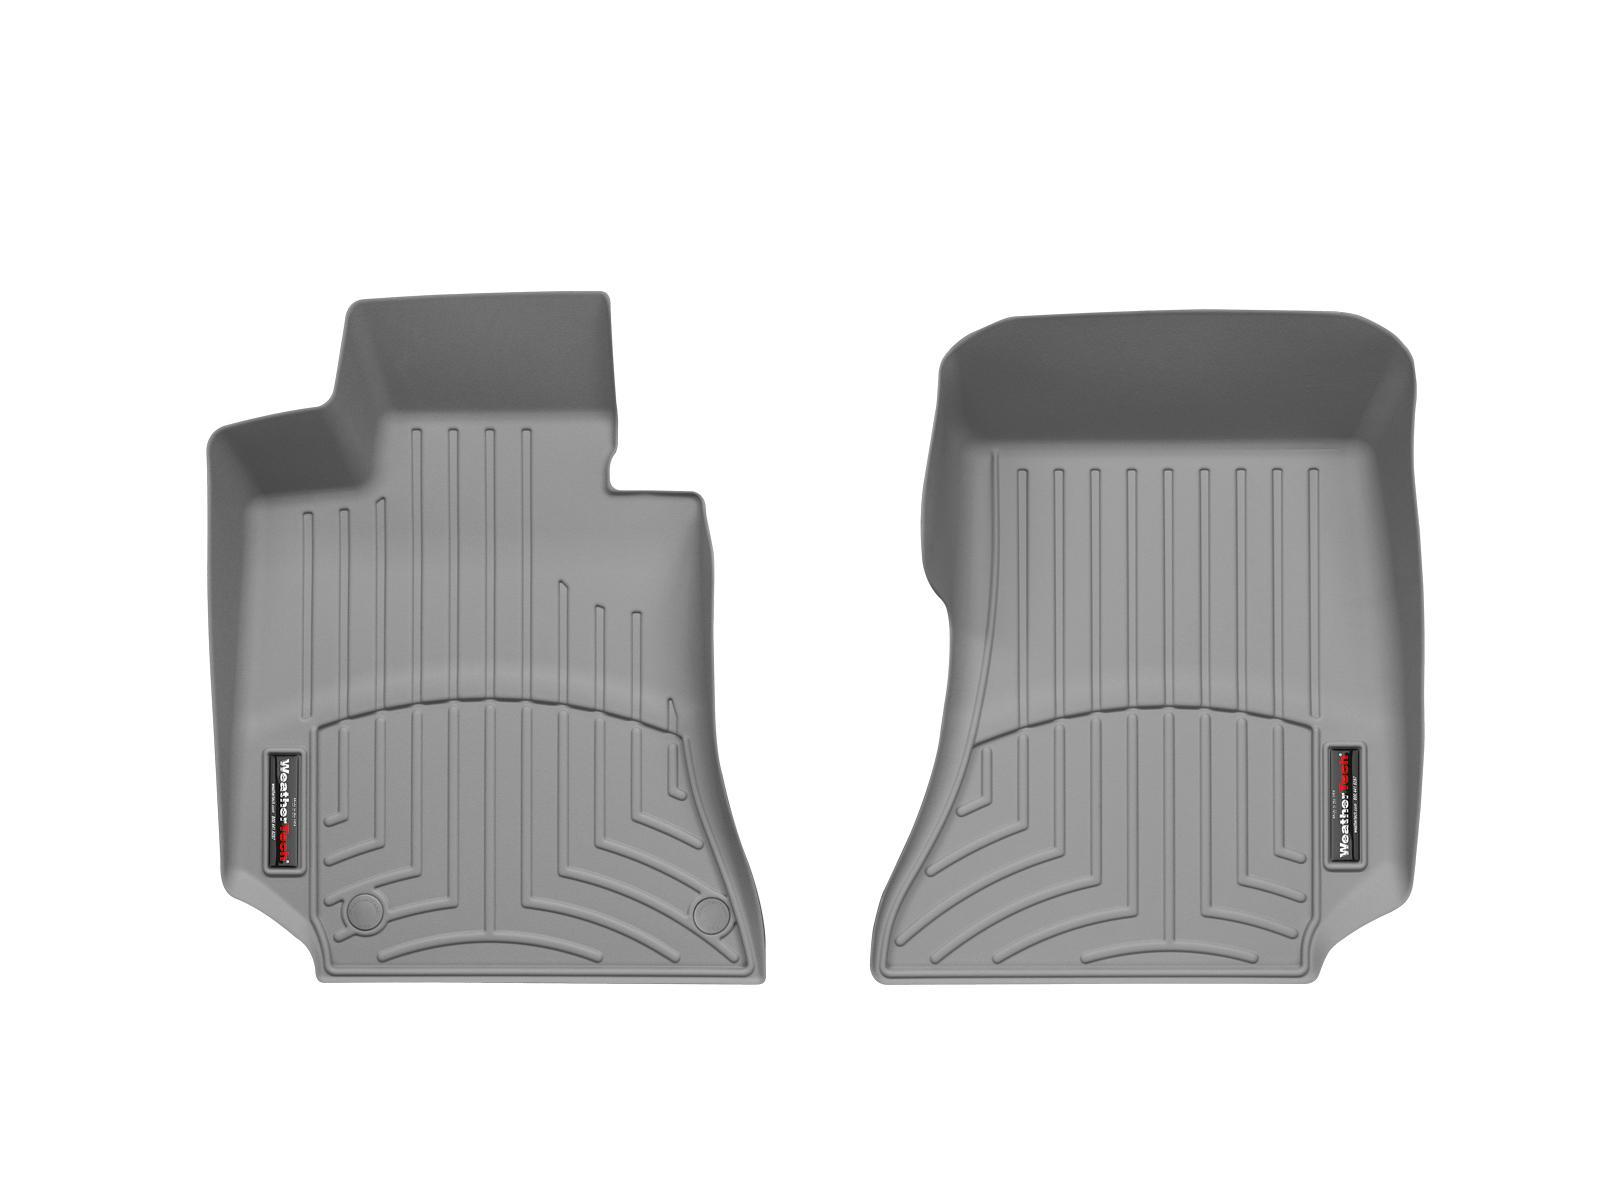 Tappeti gomma su misura bordo alto Mercedes CLS-Class 14>14 Grigio A2332*